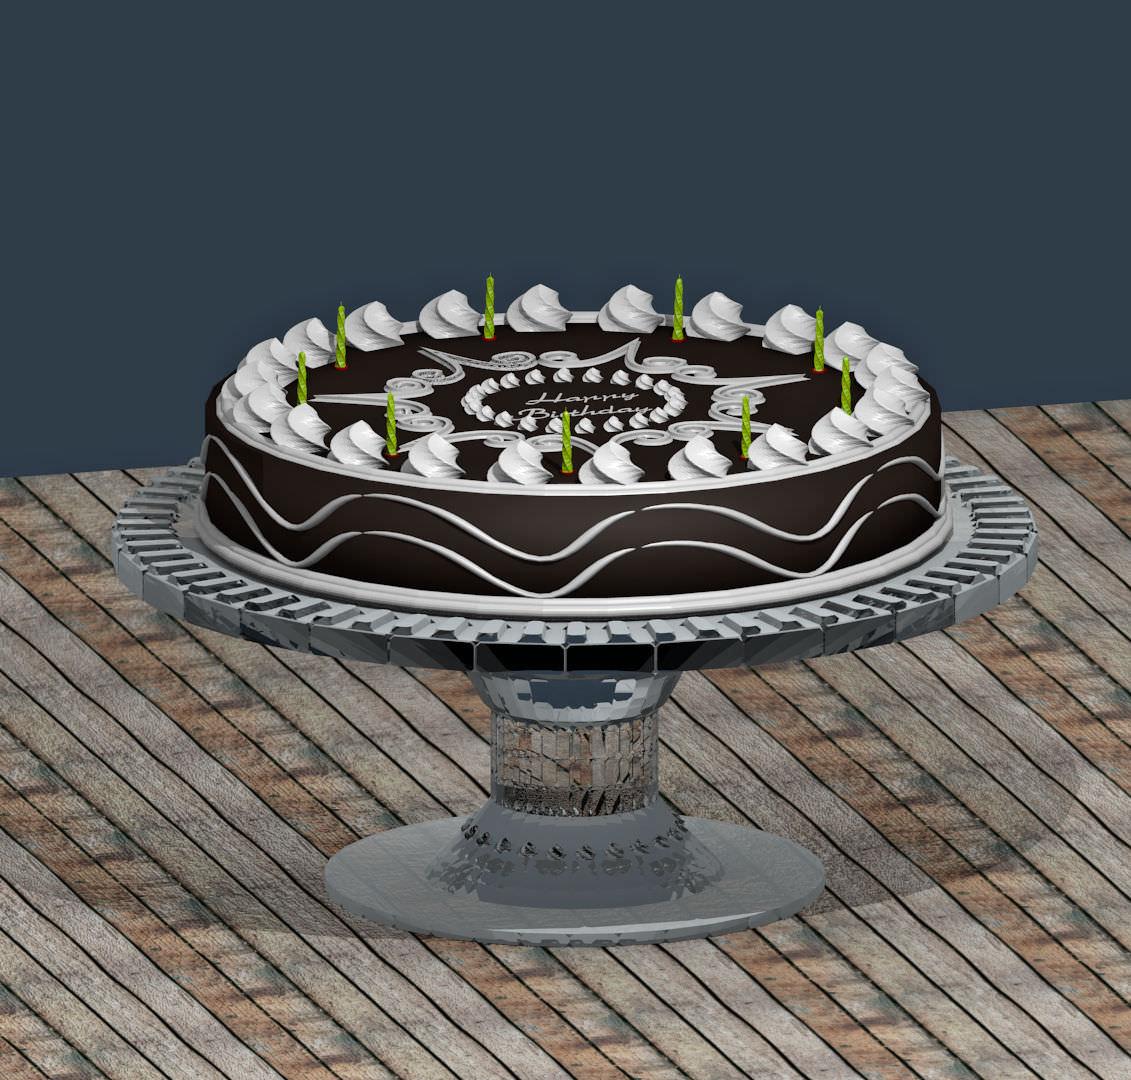 ... cake and serving platter 3d model obj 2 ... & cake and serving platter 3D | CGTrader